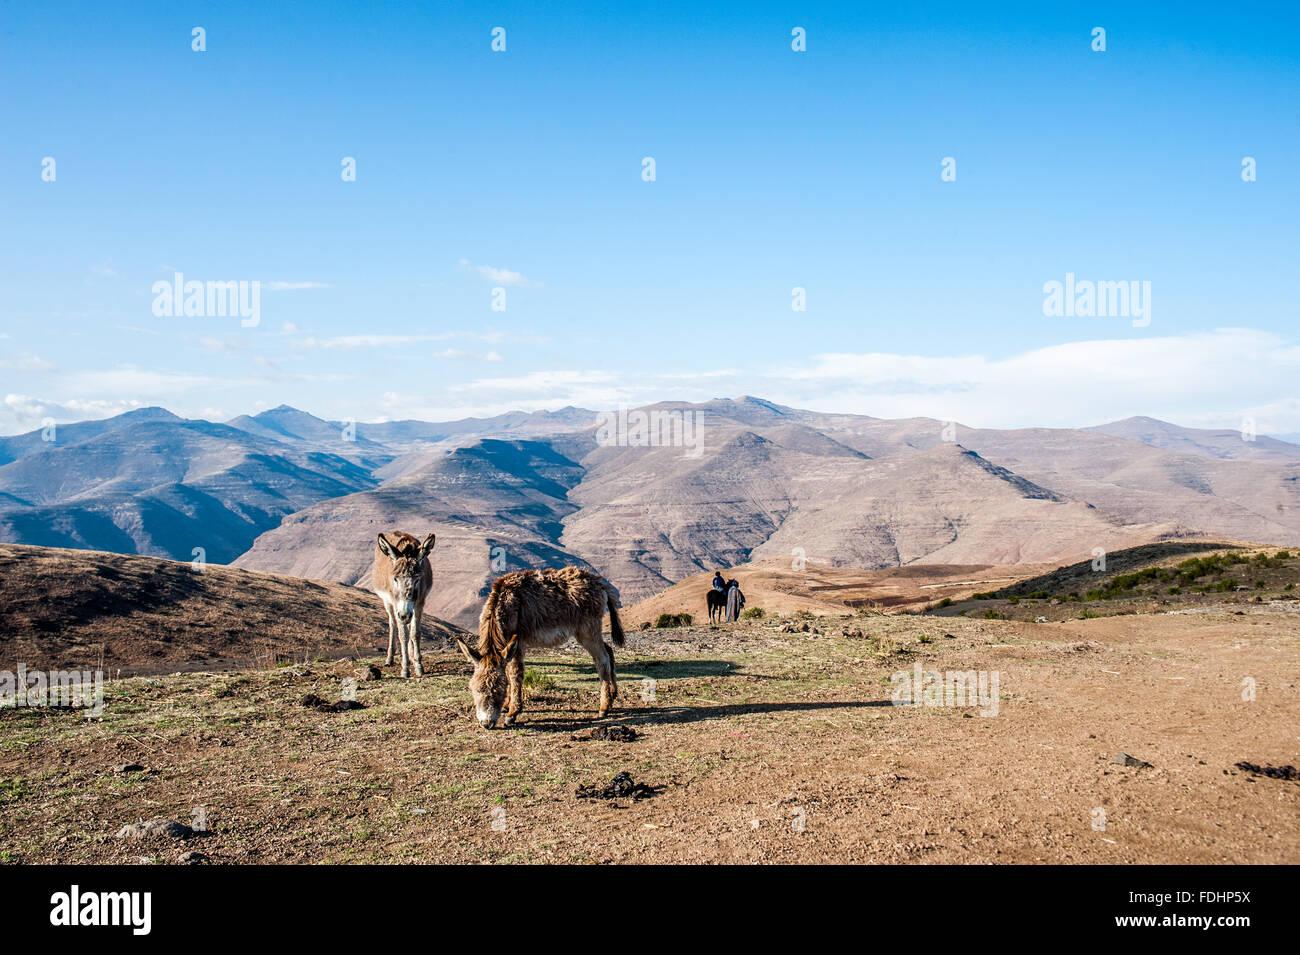 Le pâturage des ânes et une personne à cheval dans les montagnes du Lesotho, Afrique Photo Stock